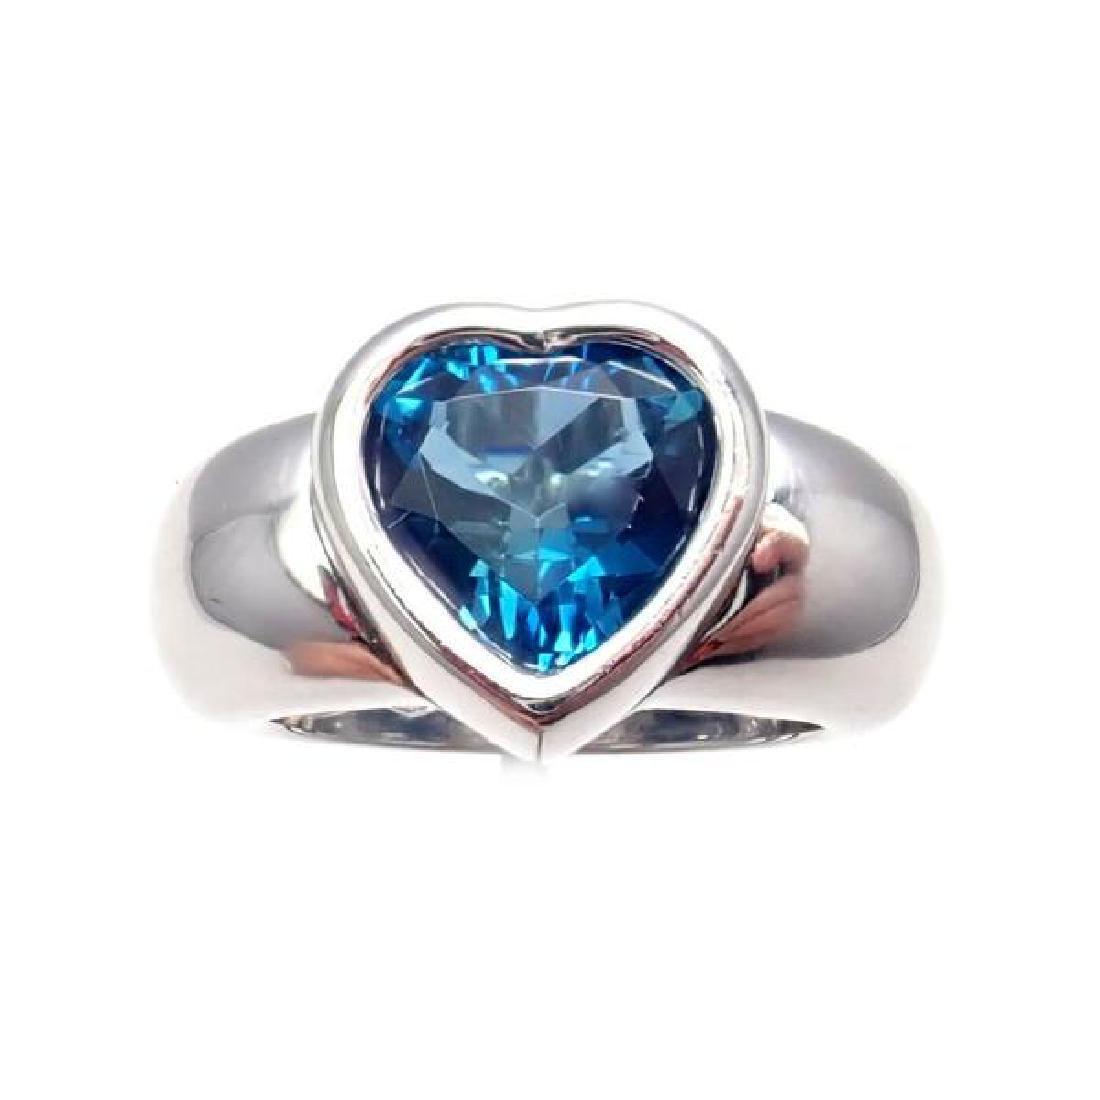 Rare! Piaget 18k White Gold London Blue Topaz Heart